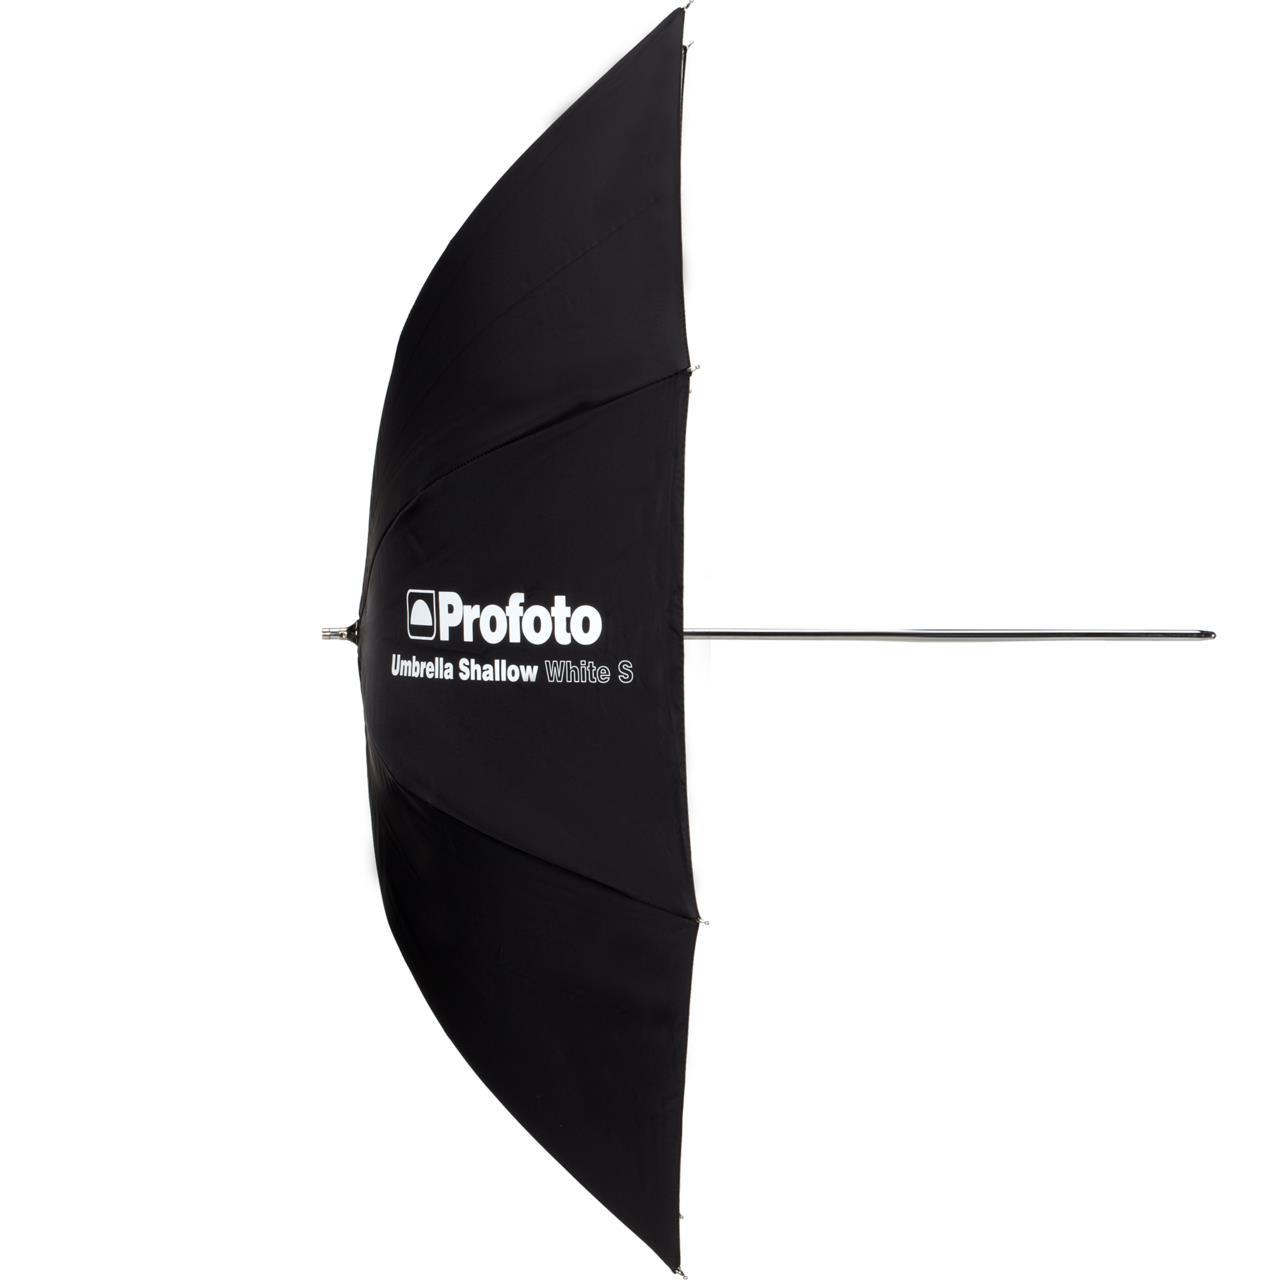 Profoto Umbrella Shallow White S - Profoto Umbrella Shallow White S, 85 cm.Pris: 35,- eks. mva